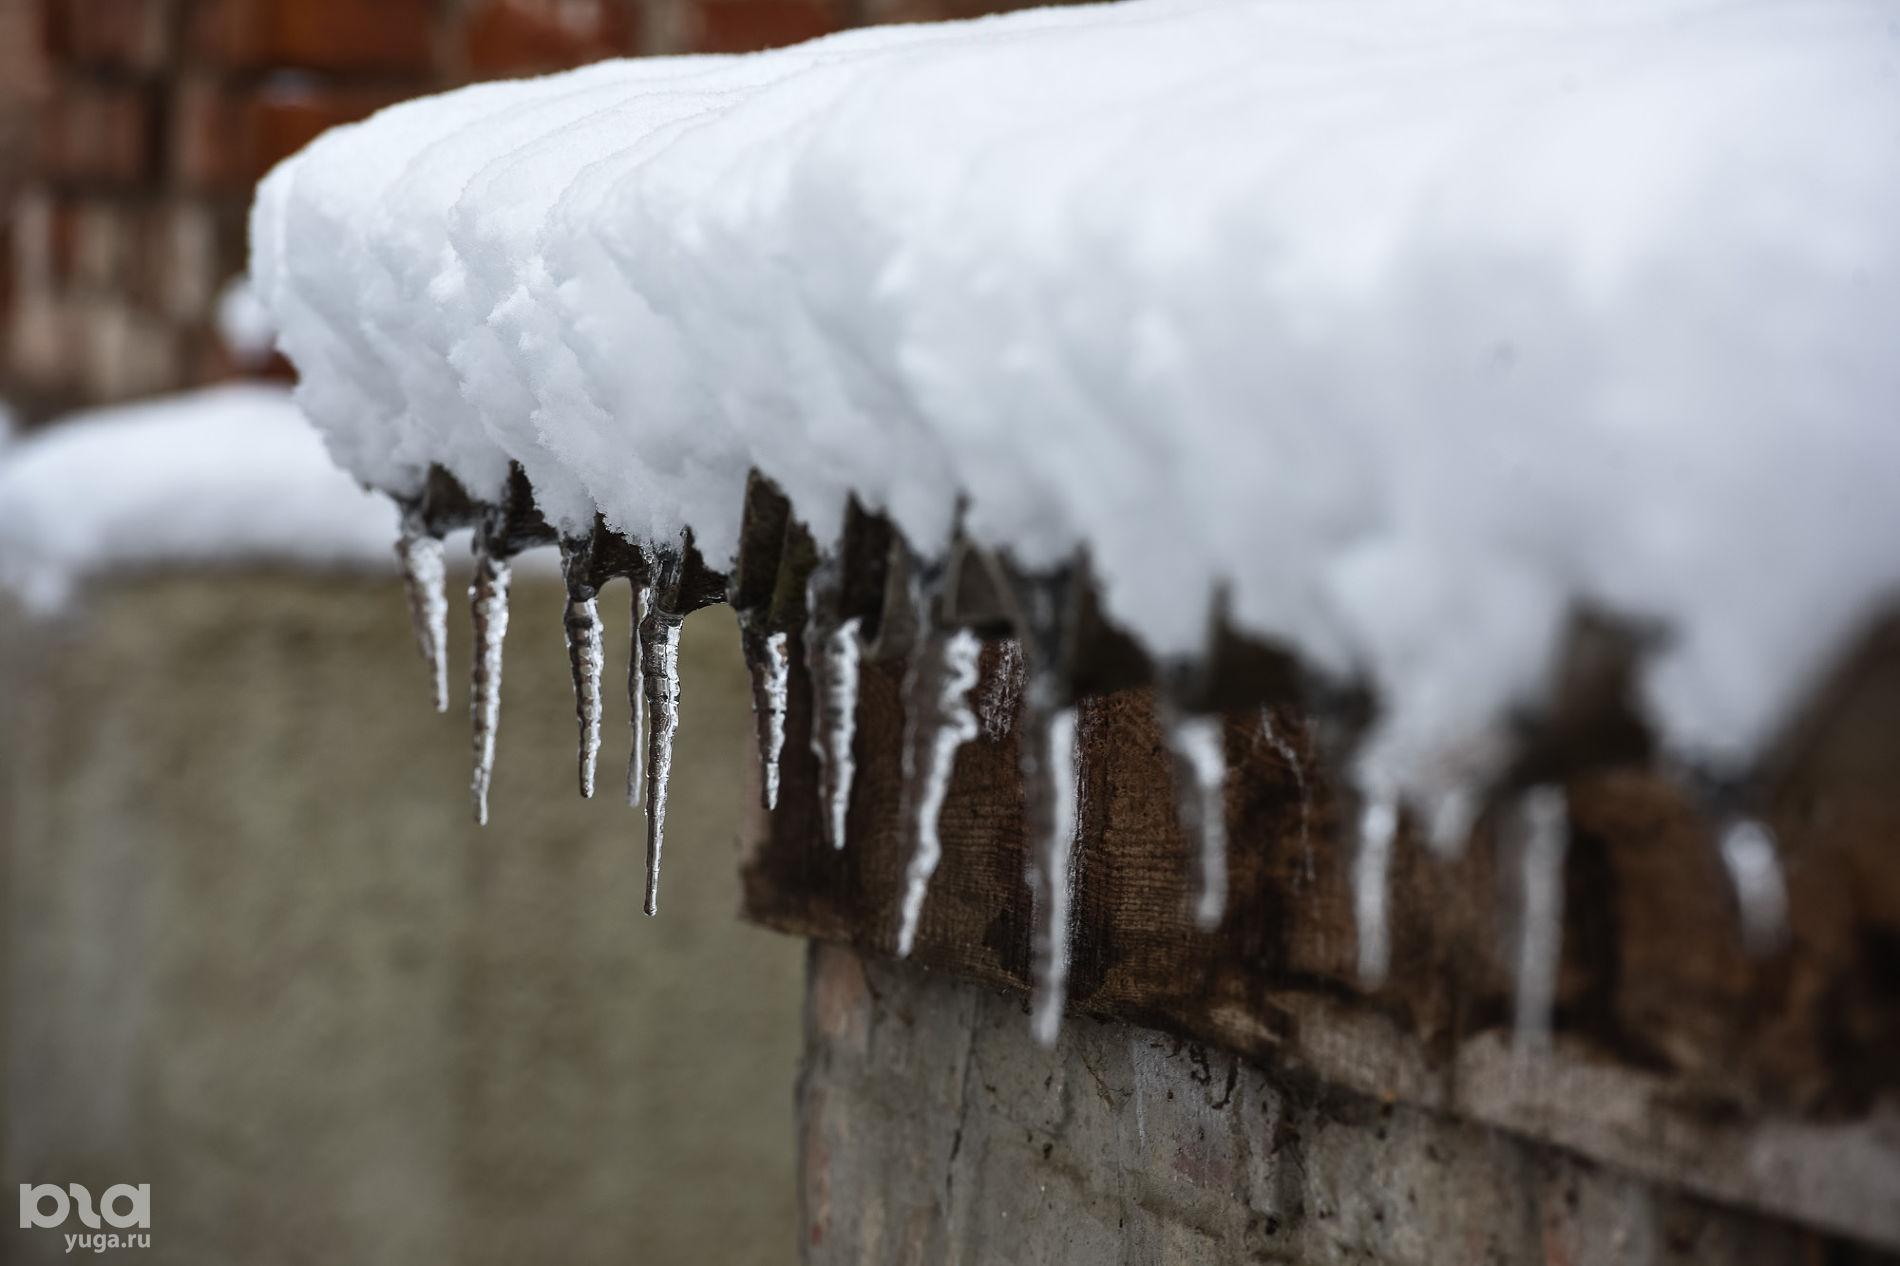 Жителей Кубани предупредили, что с потеплением с крыш начнут падать сосульки